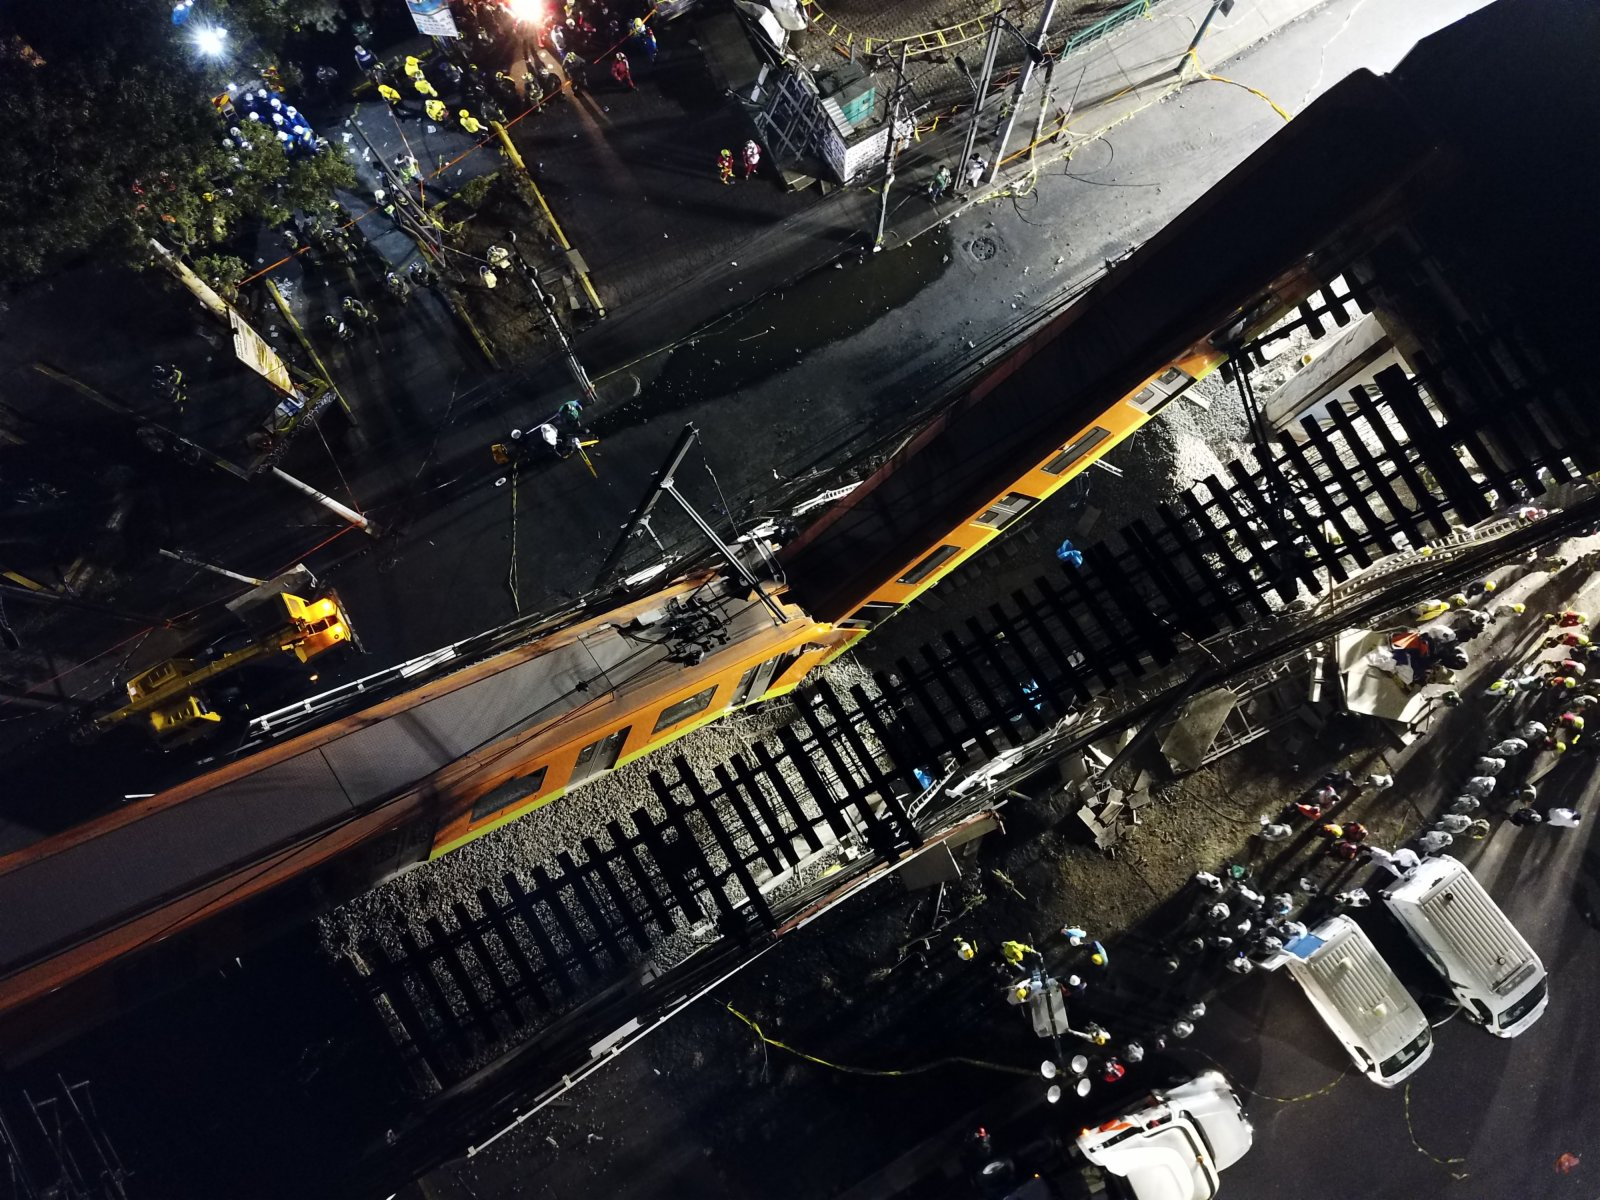 這是5月4日淩晨在墨西哥首都墨西哥城拍攝的坍塌現場。(新華社)